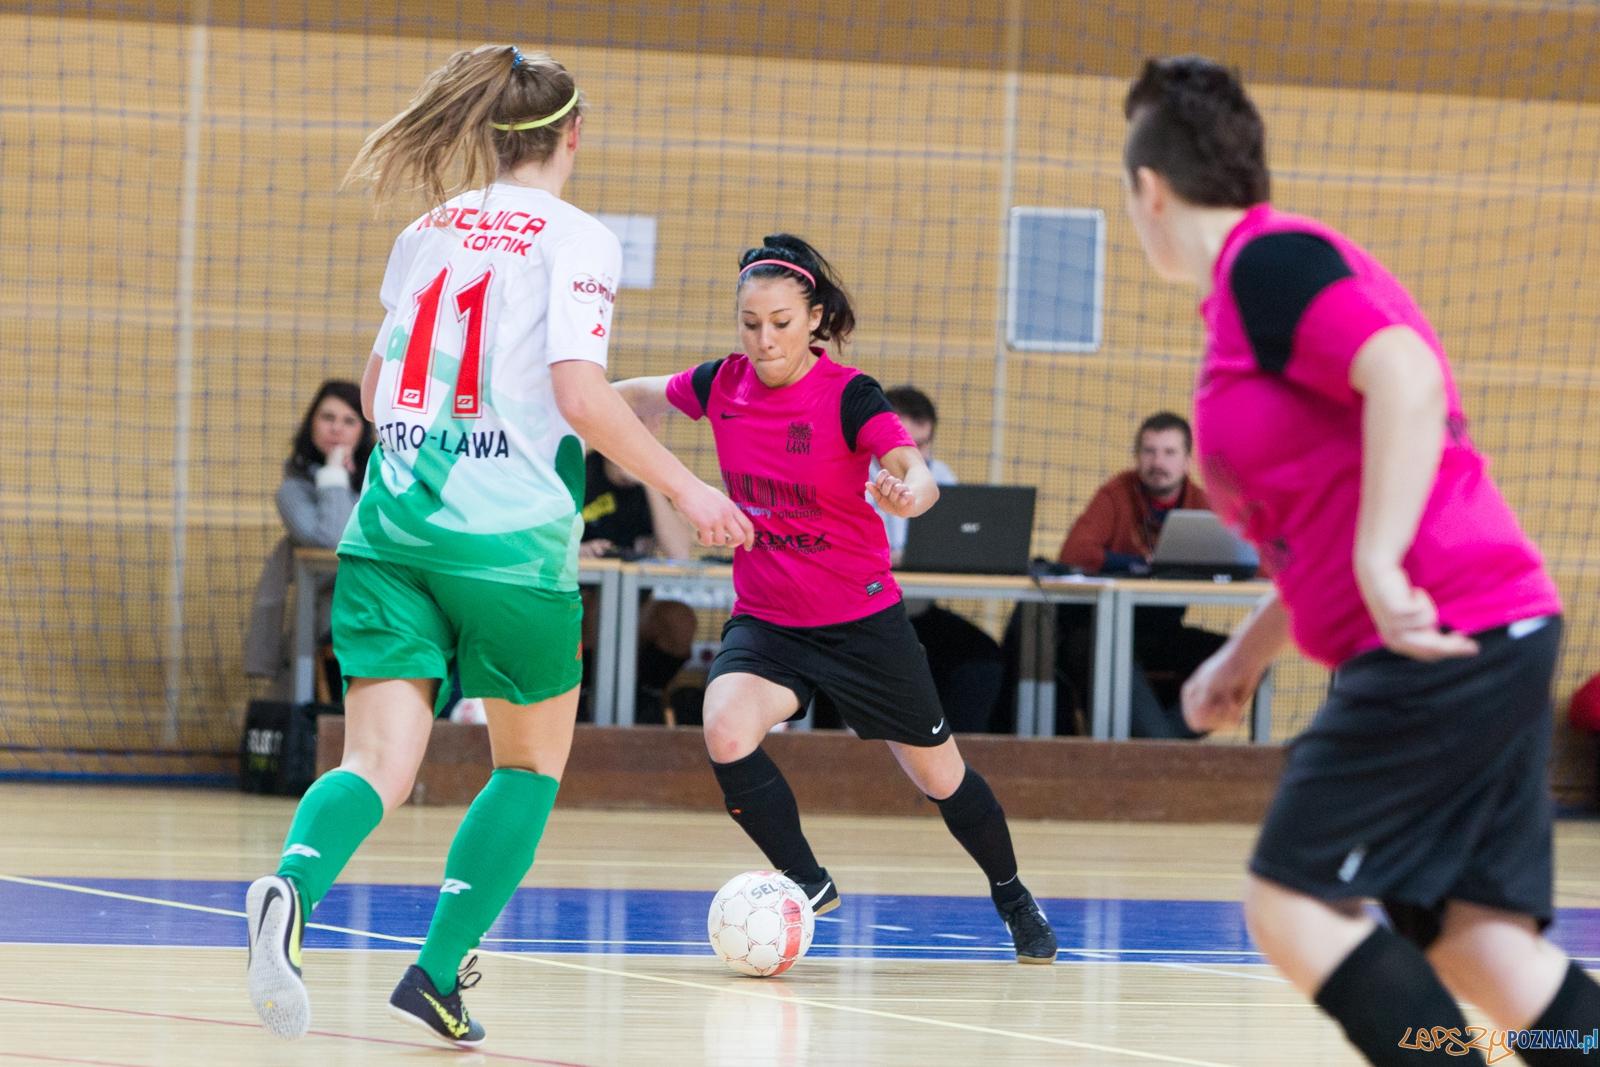 5. kolejka ekstraligi futsalu kobiet: KU AZS UAM Poznań – Kot  Foto: lepszyPOZNAN.pl / Piotr Rychter